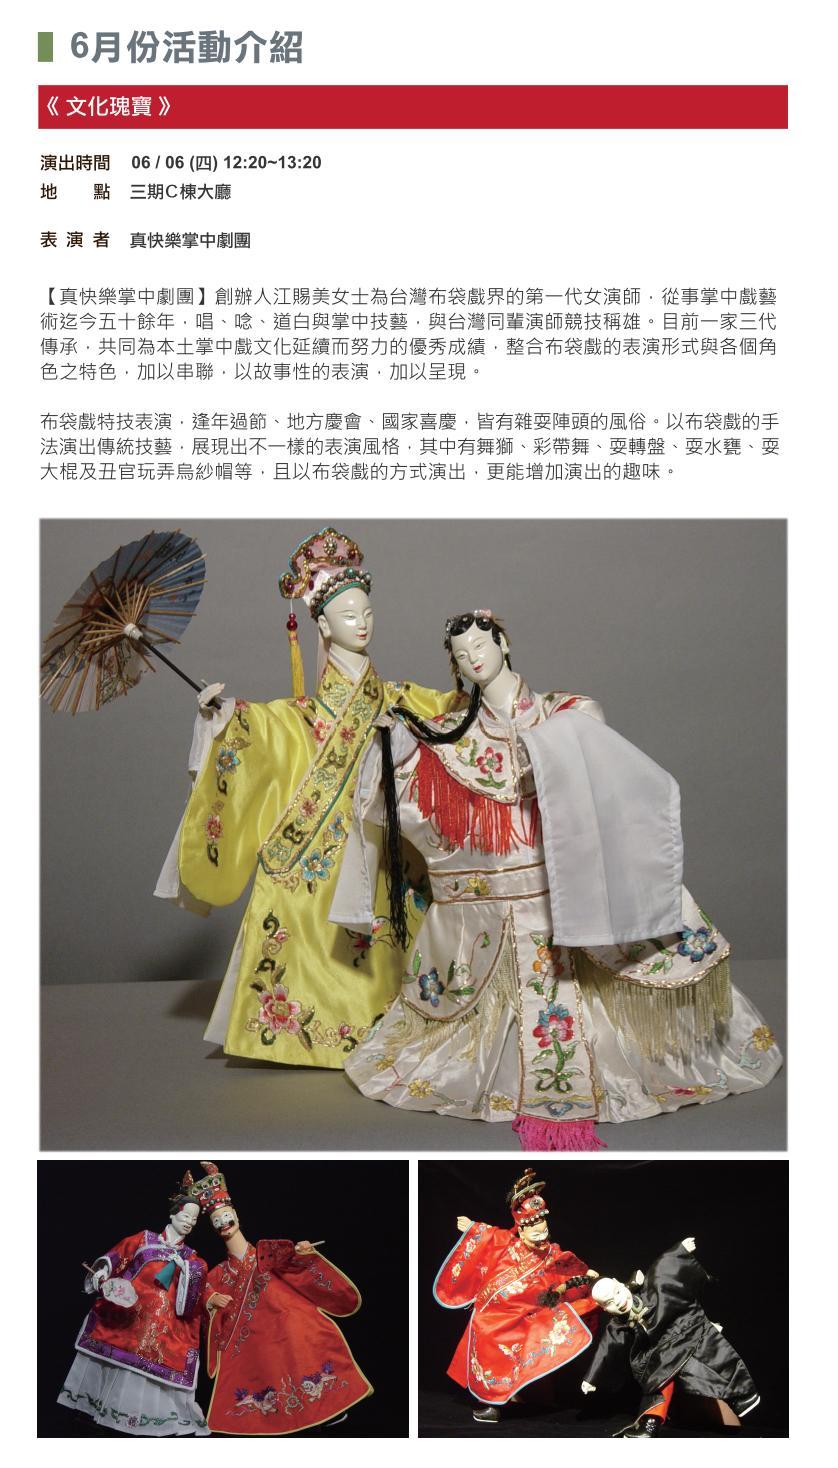 【真快樂掌中劇團】創辦人江賜美女士為台灣布袋戲界的第一代女演師,從事掌中戲藝術迄今五十餘年,目前一家三代傳承,共同為本土掌中戲文化延續而努力的優秀成績。整合布袋戲的表演形式與各個角色之特色加以串聯,以故事性的表演加以呈現,以布袋戲的手法演出傳統技藝,展現出不一樣的表演風格。